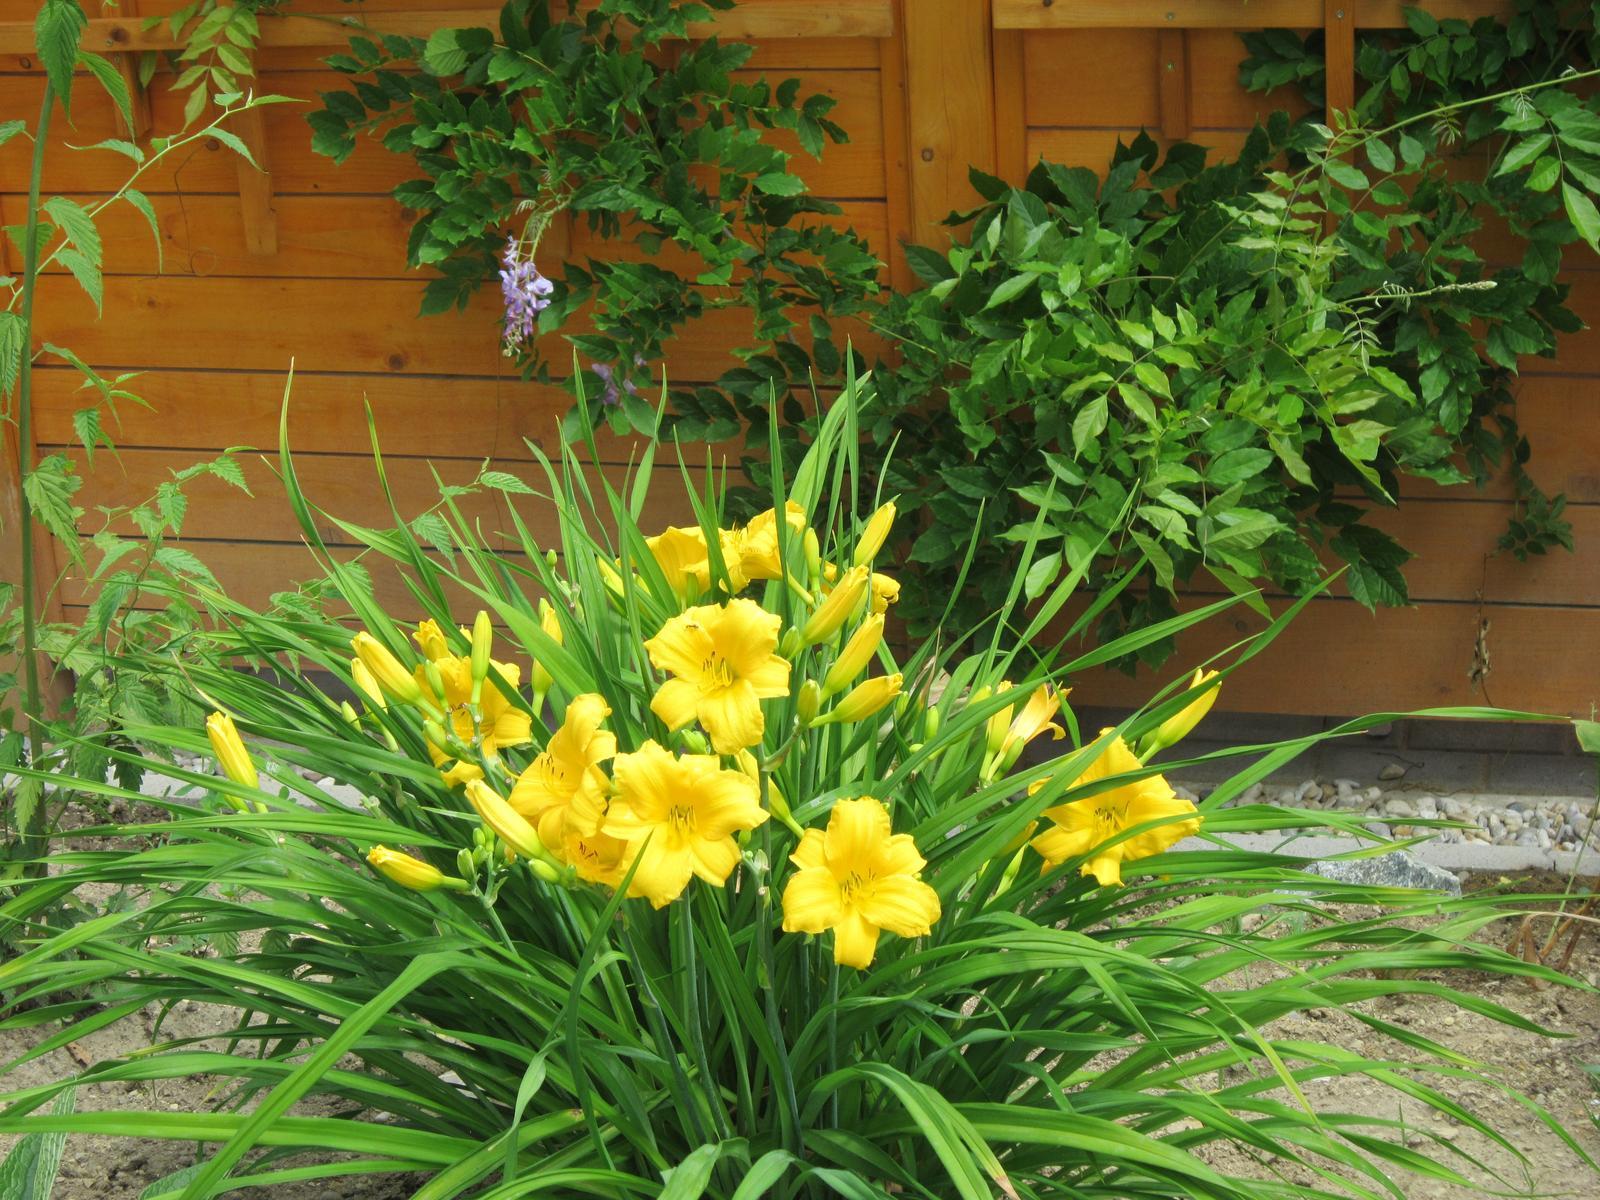 Pozvanie do našej jarnej záhrady - Ľaliovka